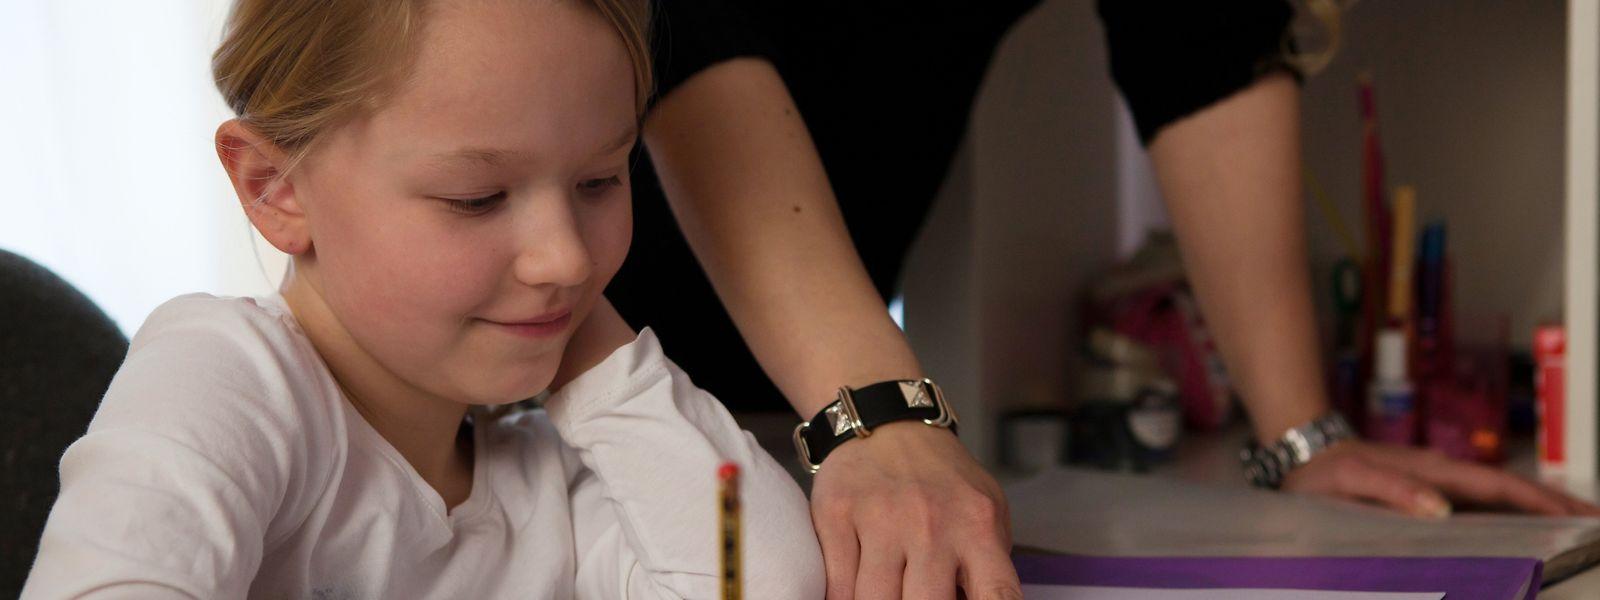 Damit Grundschüler bei Hausaufgaben und beim Lernen motiviert bleiben, können Eltern einiges tun.